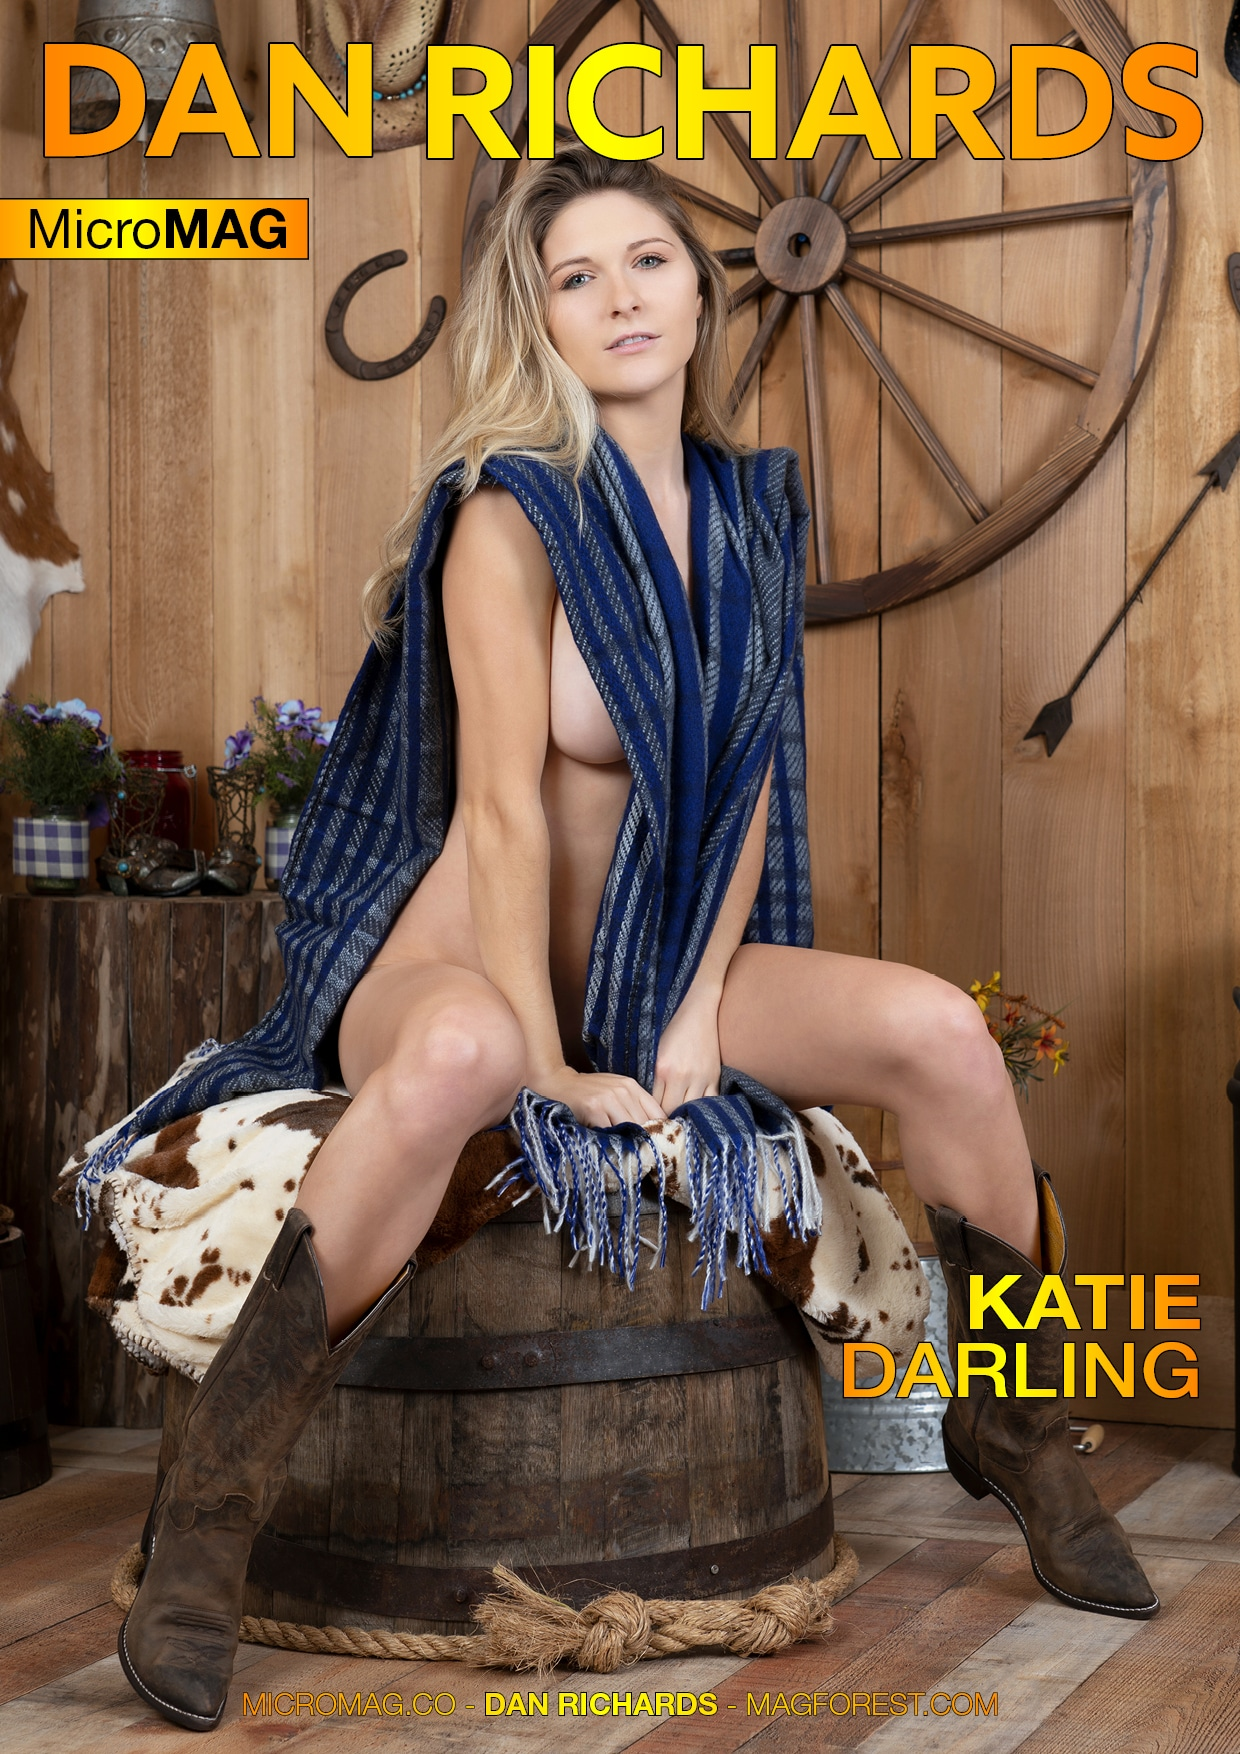 Dan Richards Micromag – Katie Darling